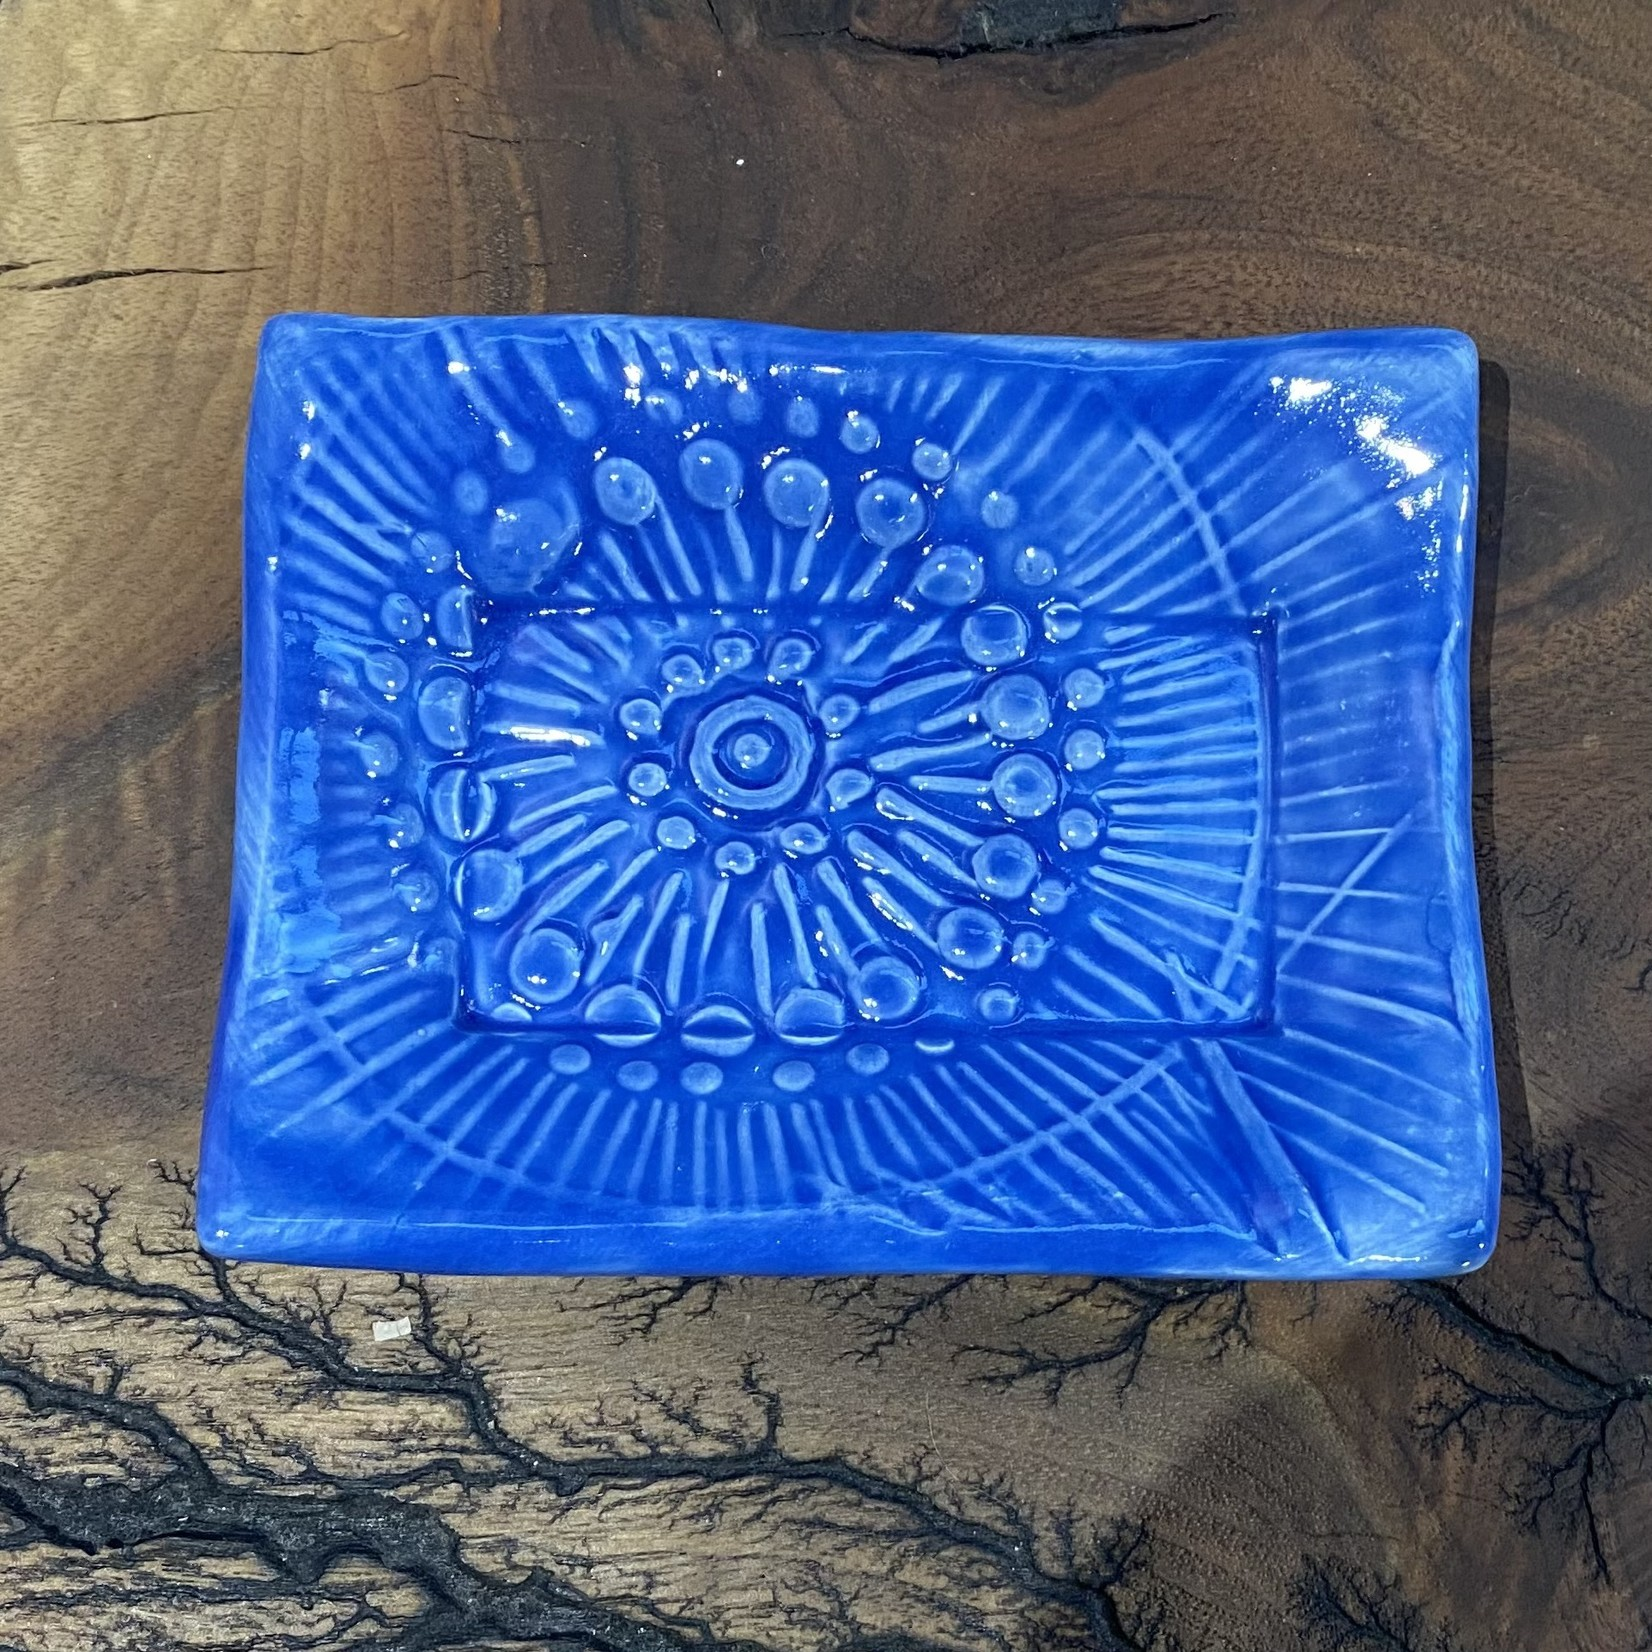 Lorraine Oerth Lorraine Oerth Soap Dish - Floral Fantasy Delft Blue